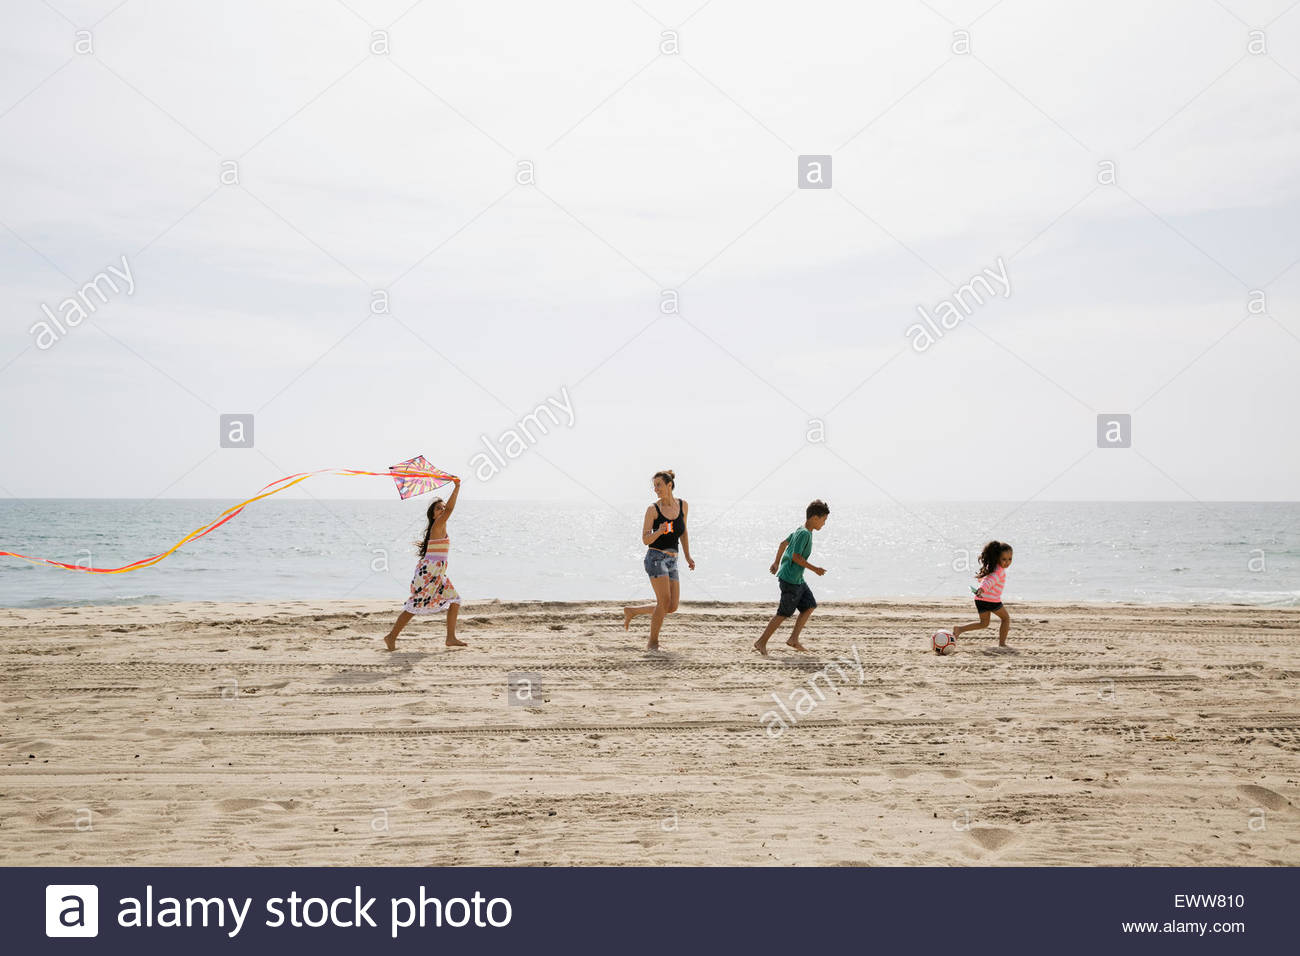 Familia flying kite en sunny beach Imagen De Stock